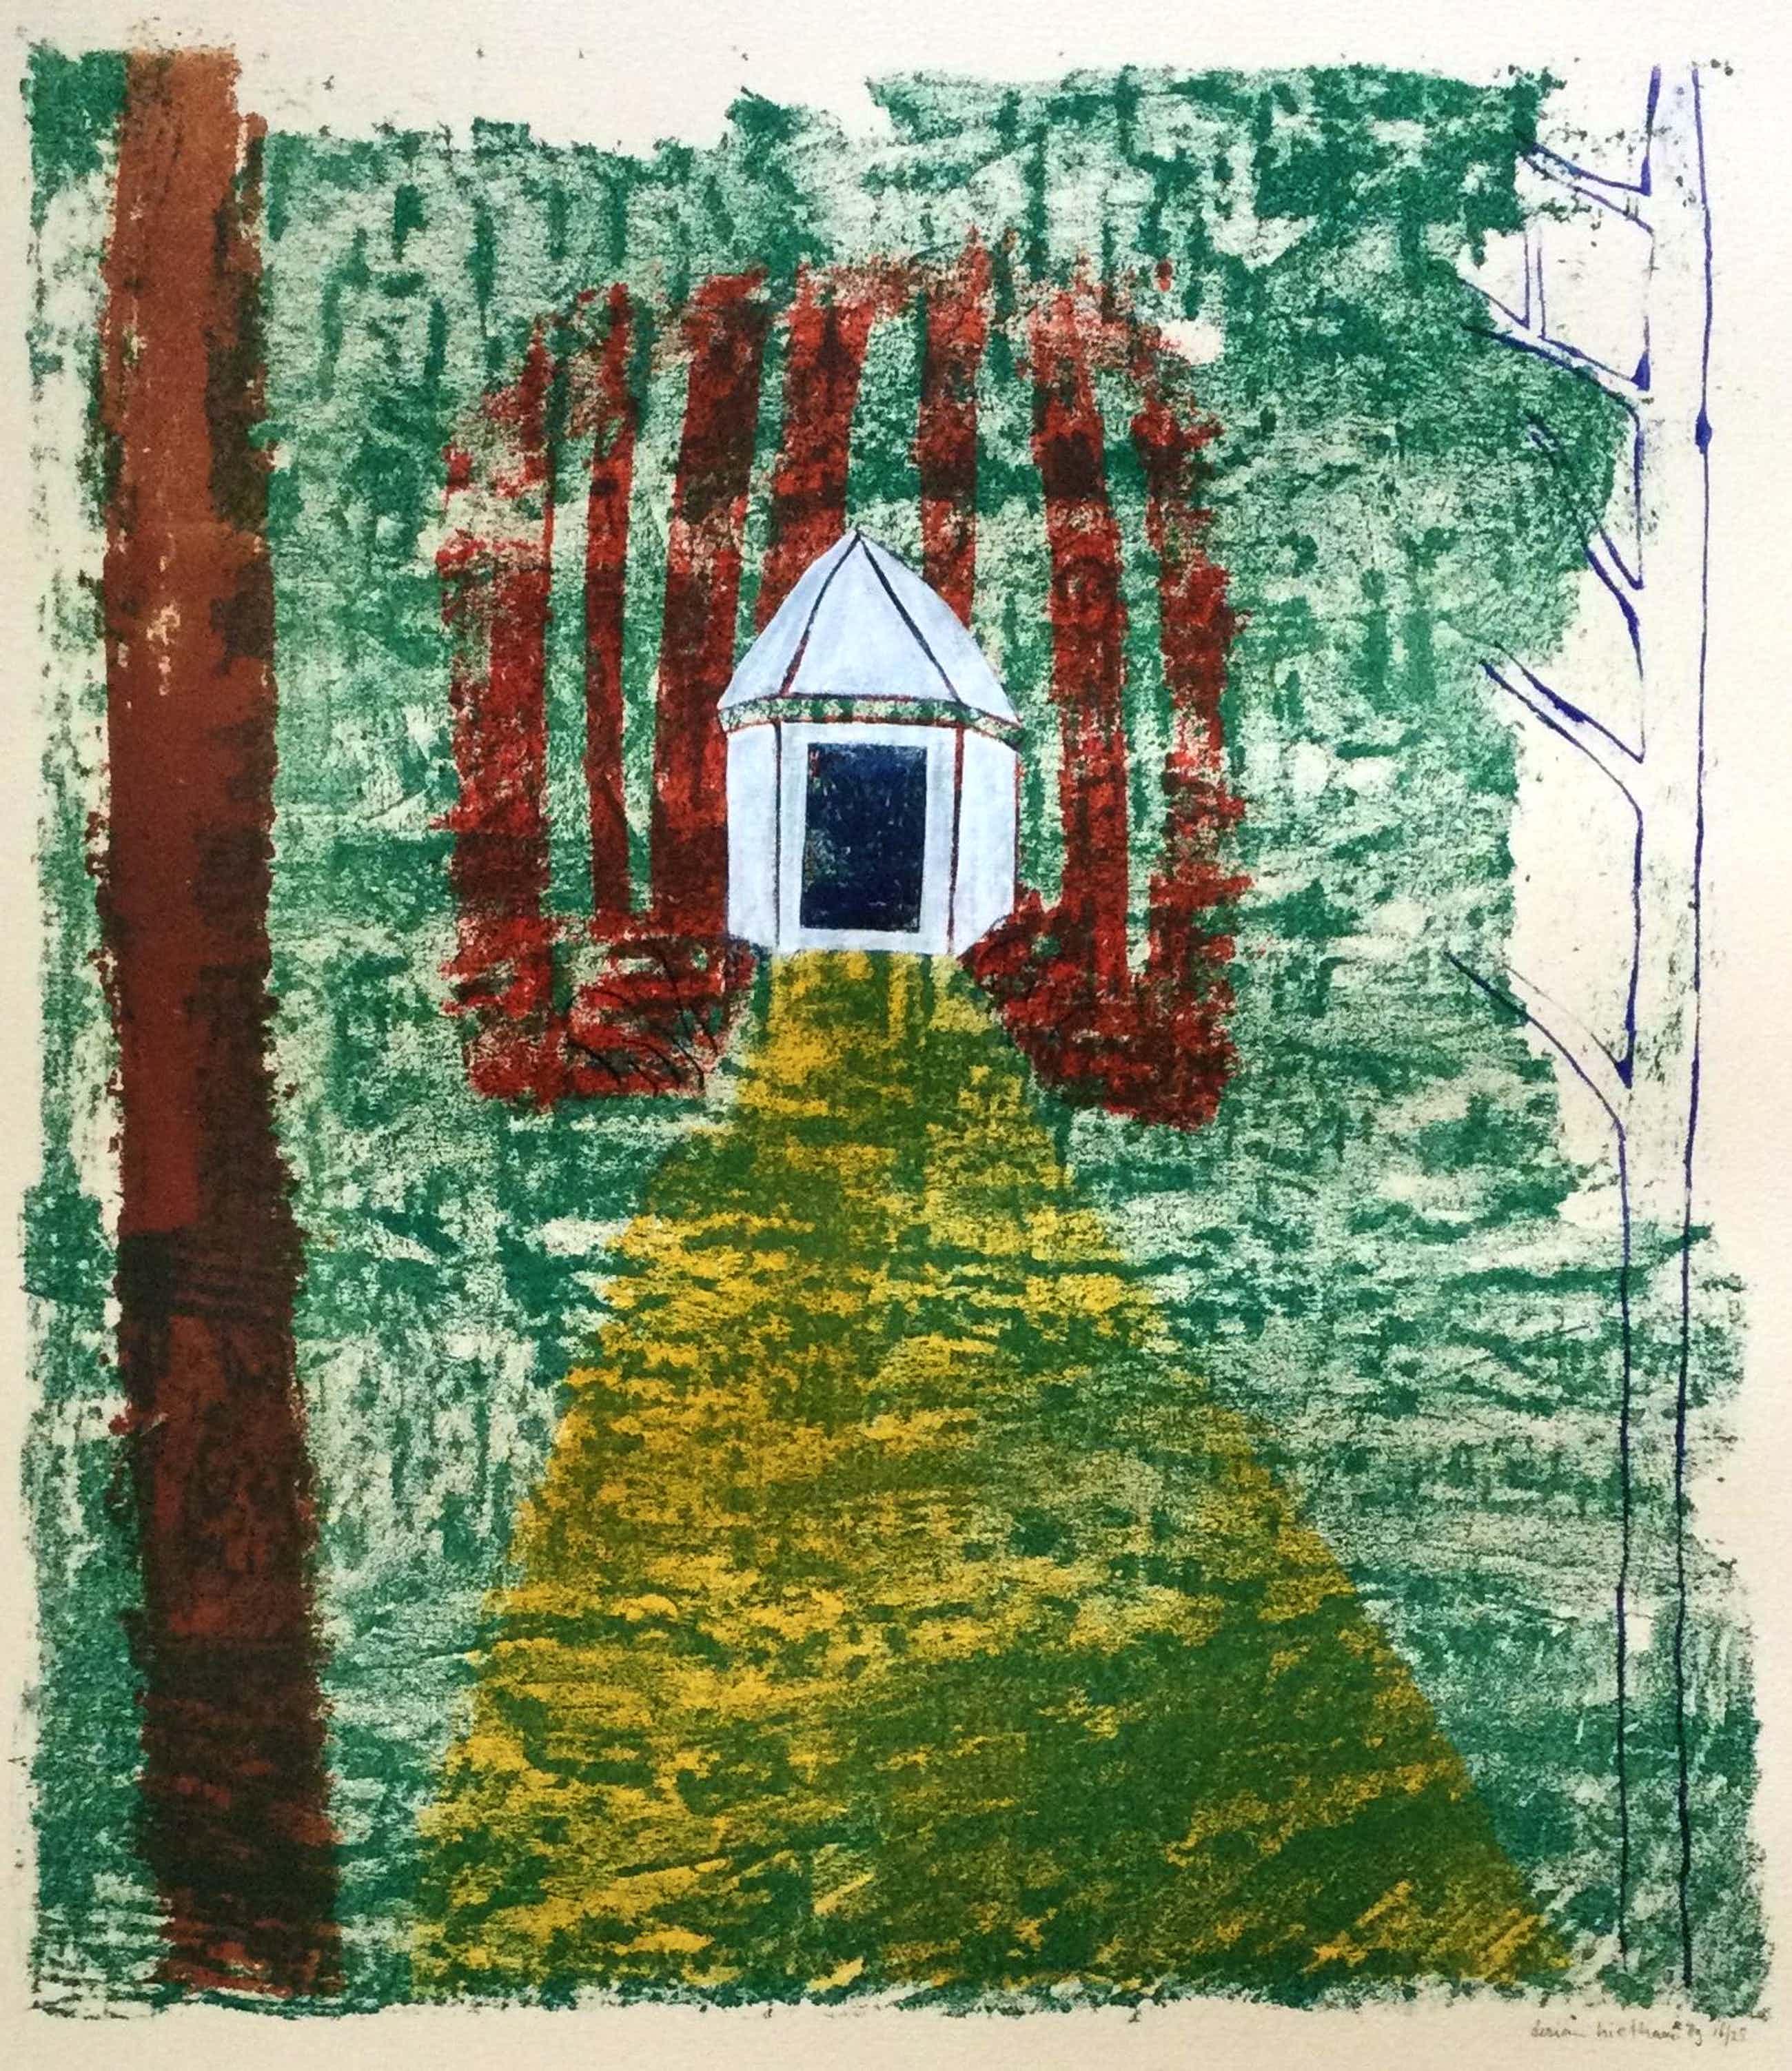 Dorian Hiethaar - Wit prieel in het bos | kleurlitho (ingelijst) kopen? Bied vanaf 30!